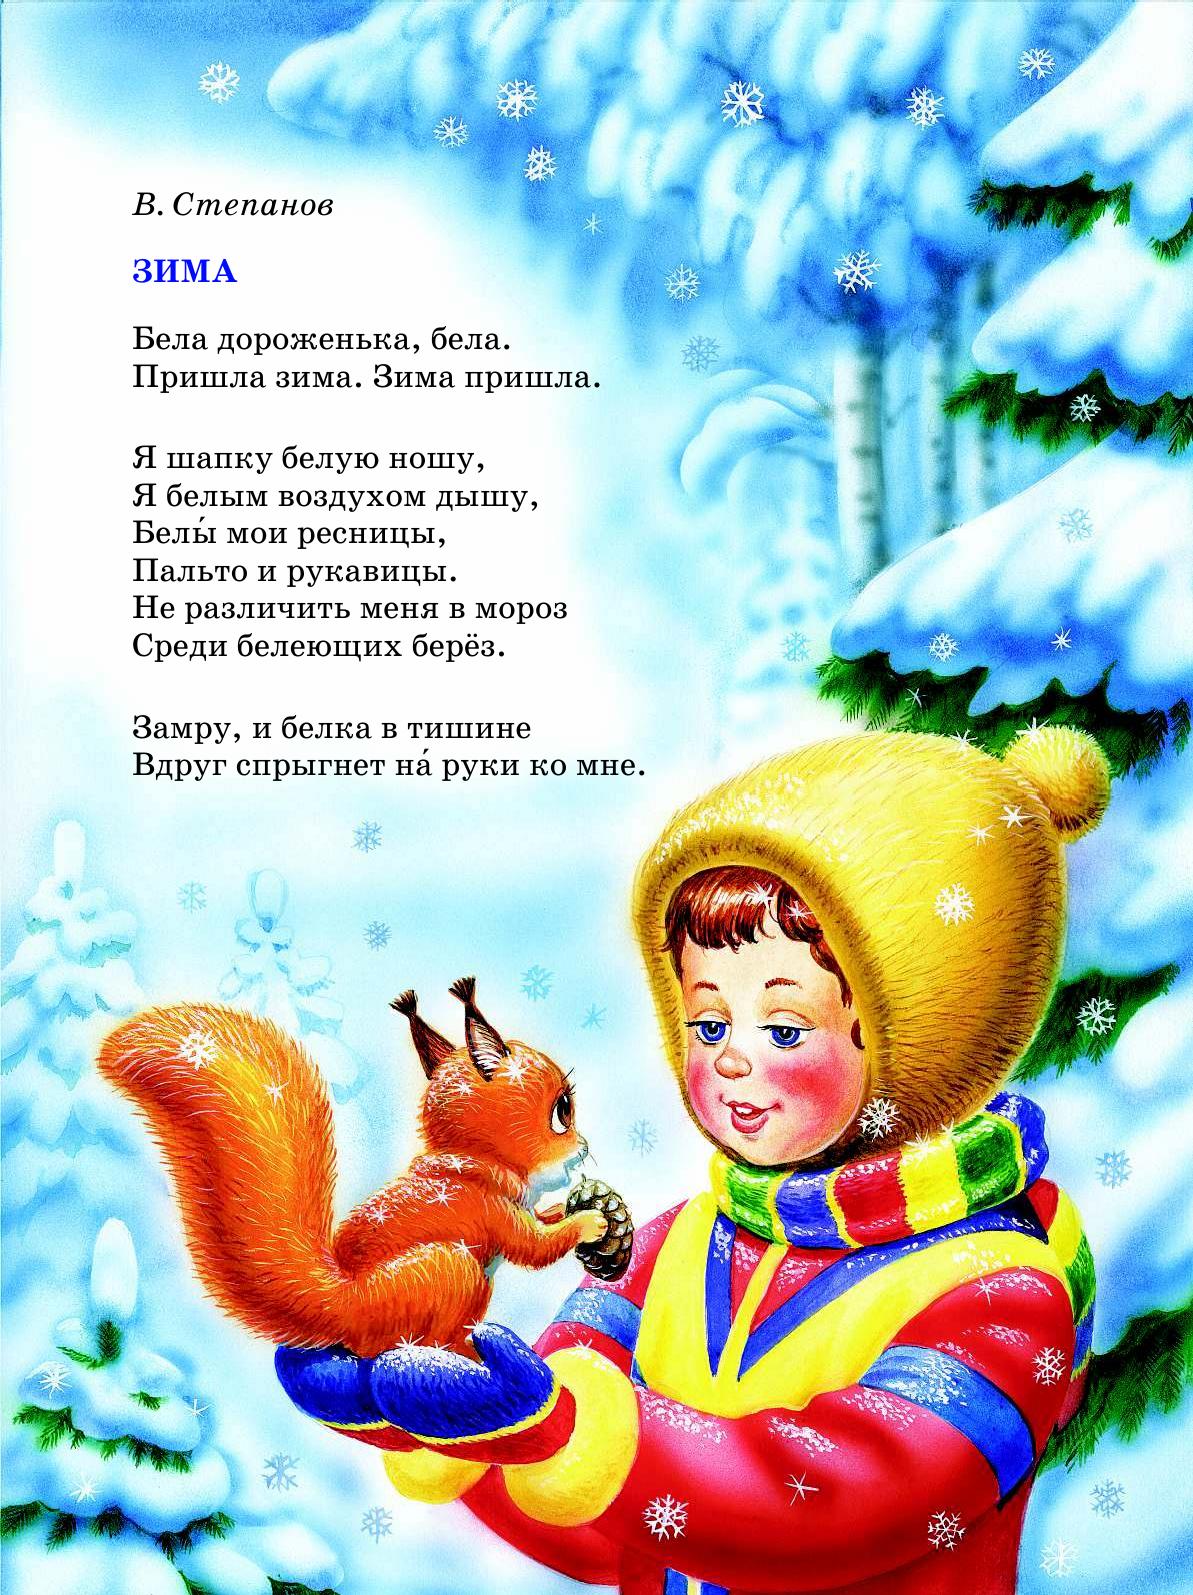 Зима в картинках для детского сада стихи